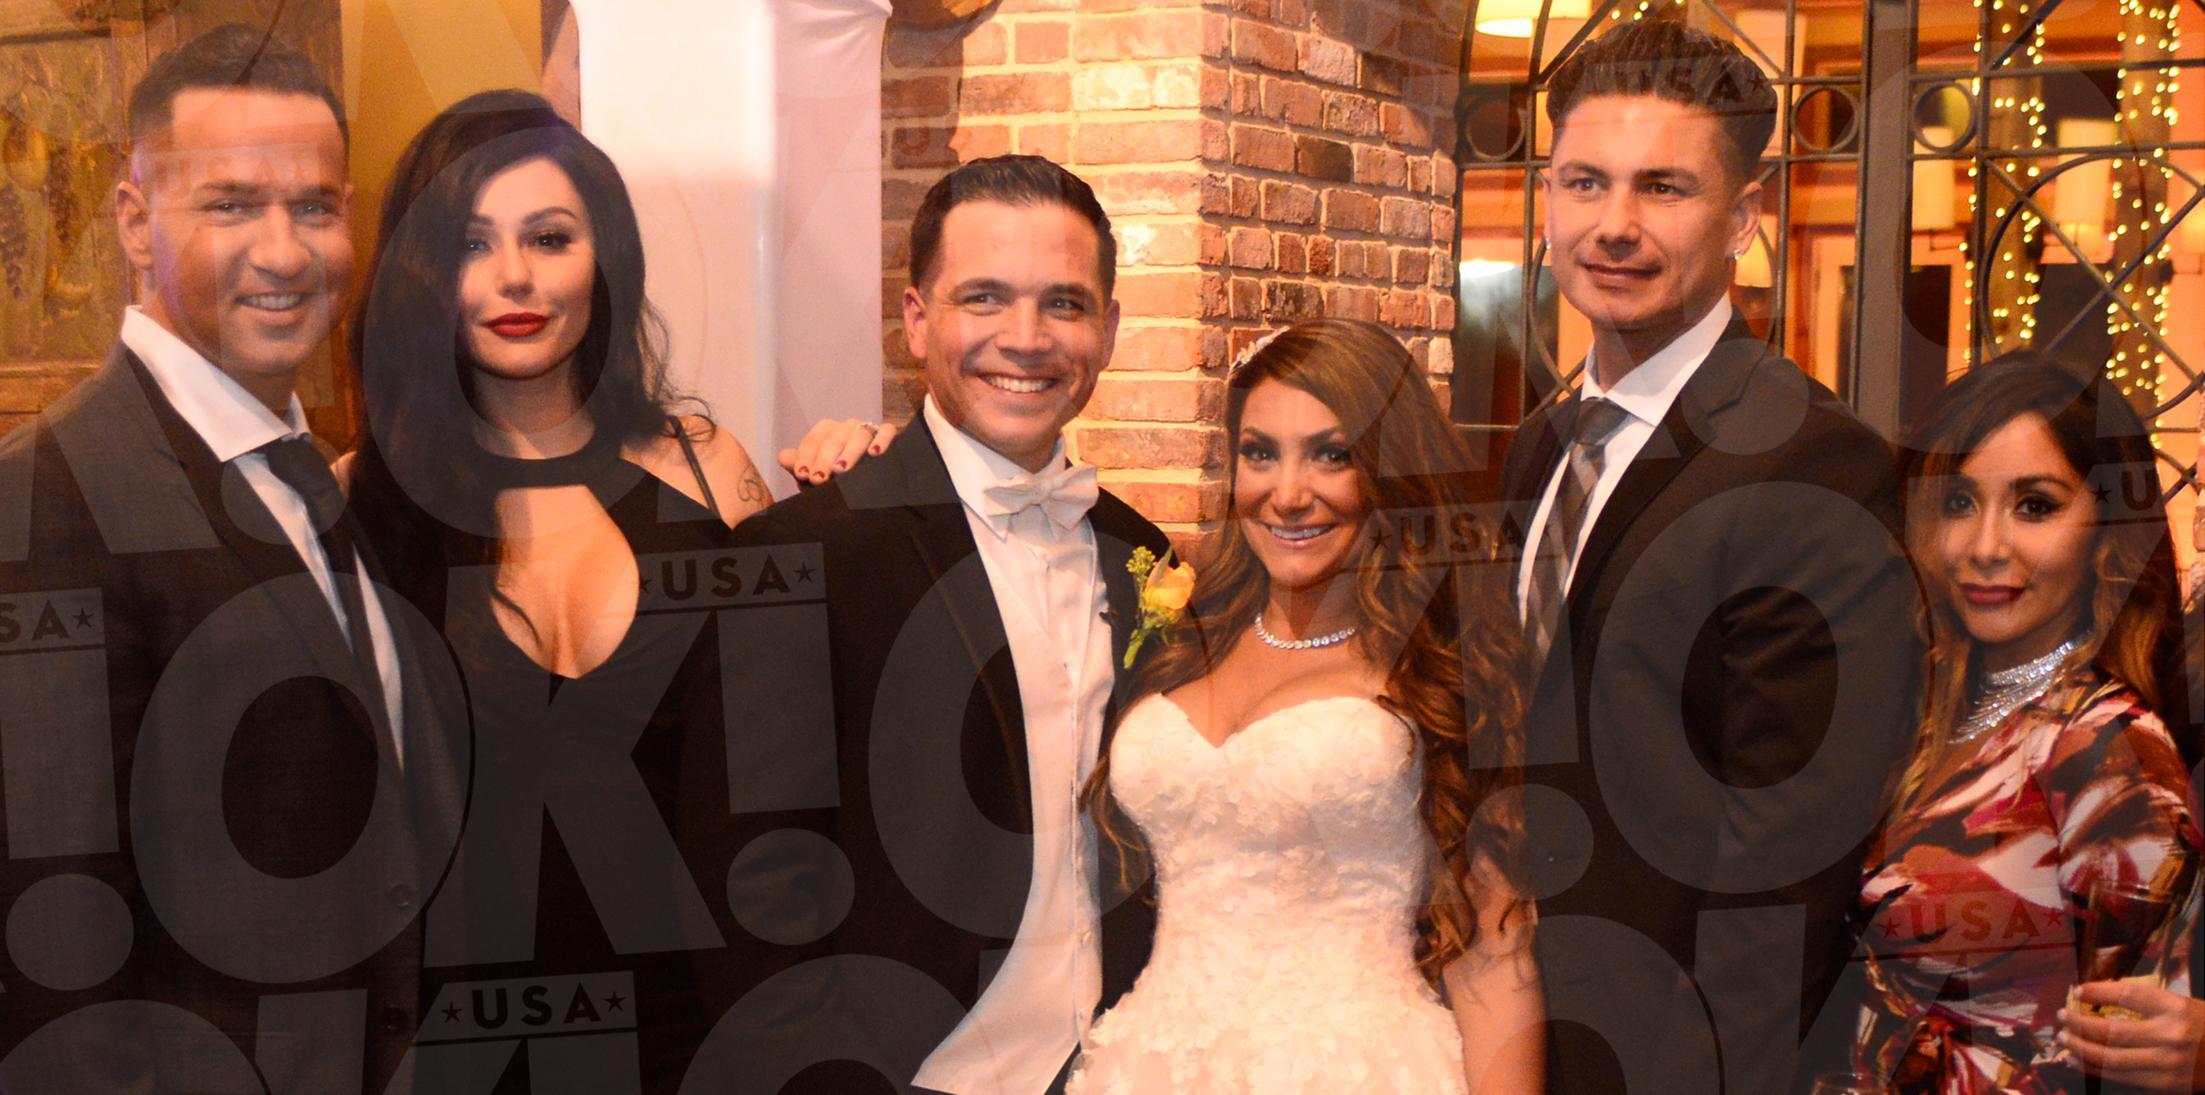 deena cortese wedding jersey shore cast husband pp 1